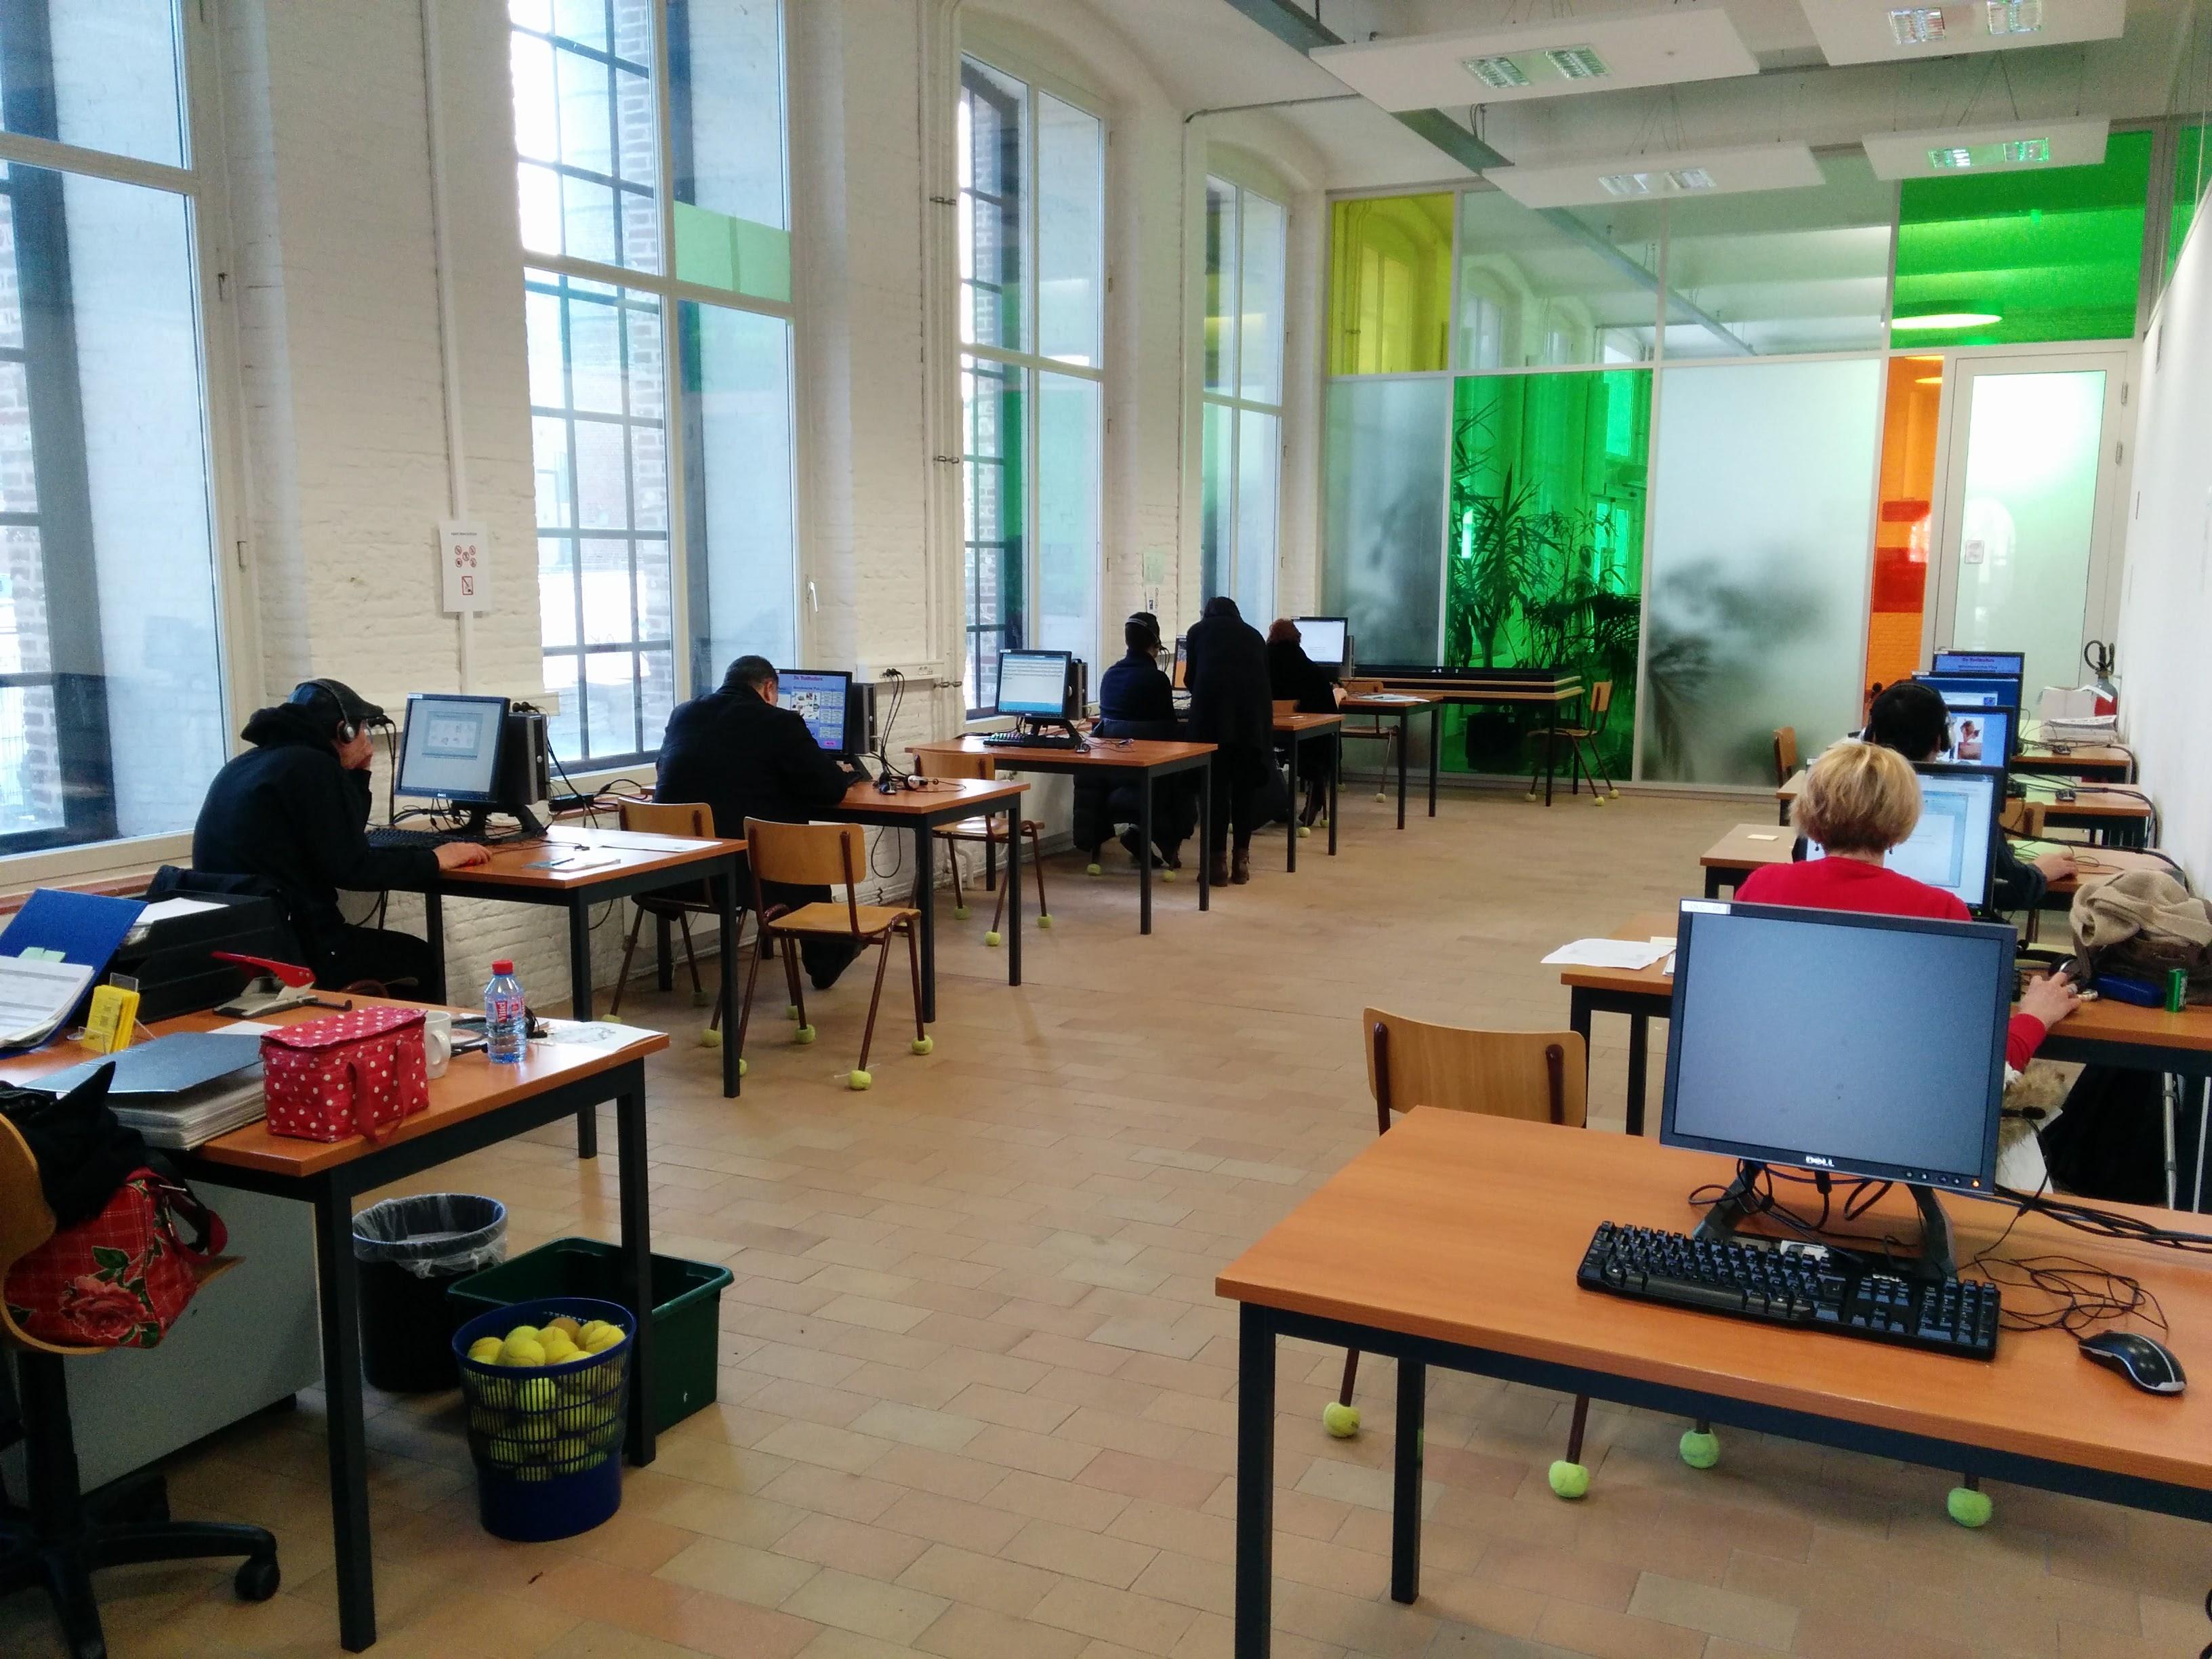 Welkom in ons open leercentrum